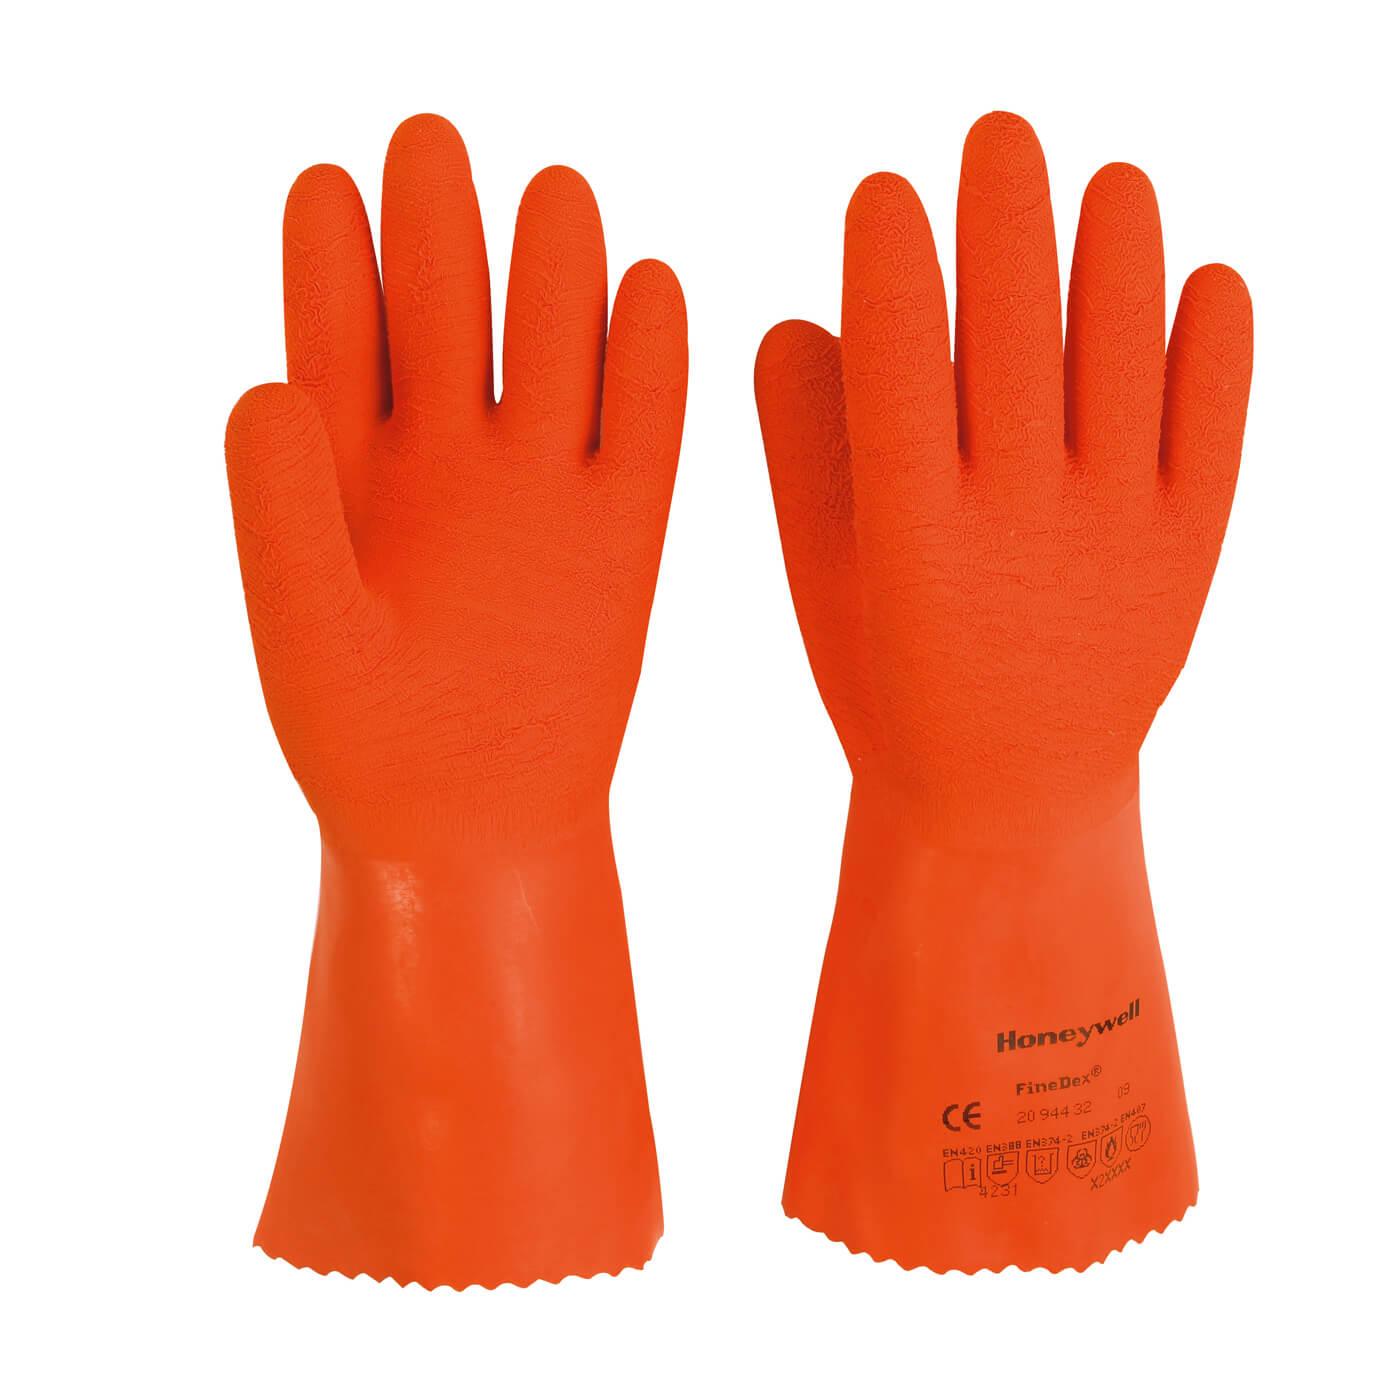 Rękawice chemiczne Honeywell Finedex 944-32 Fisherman